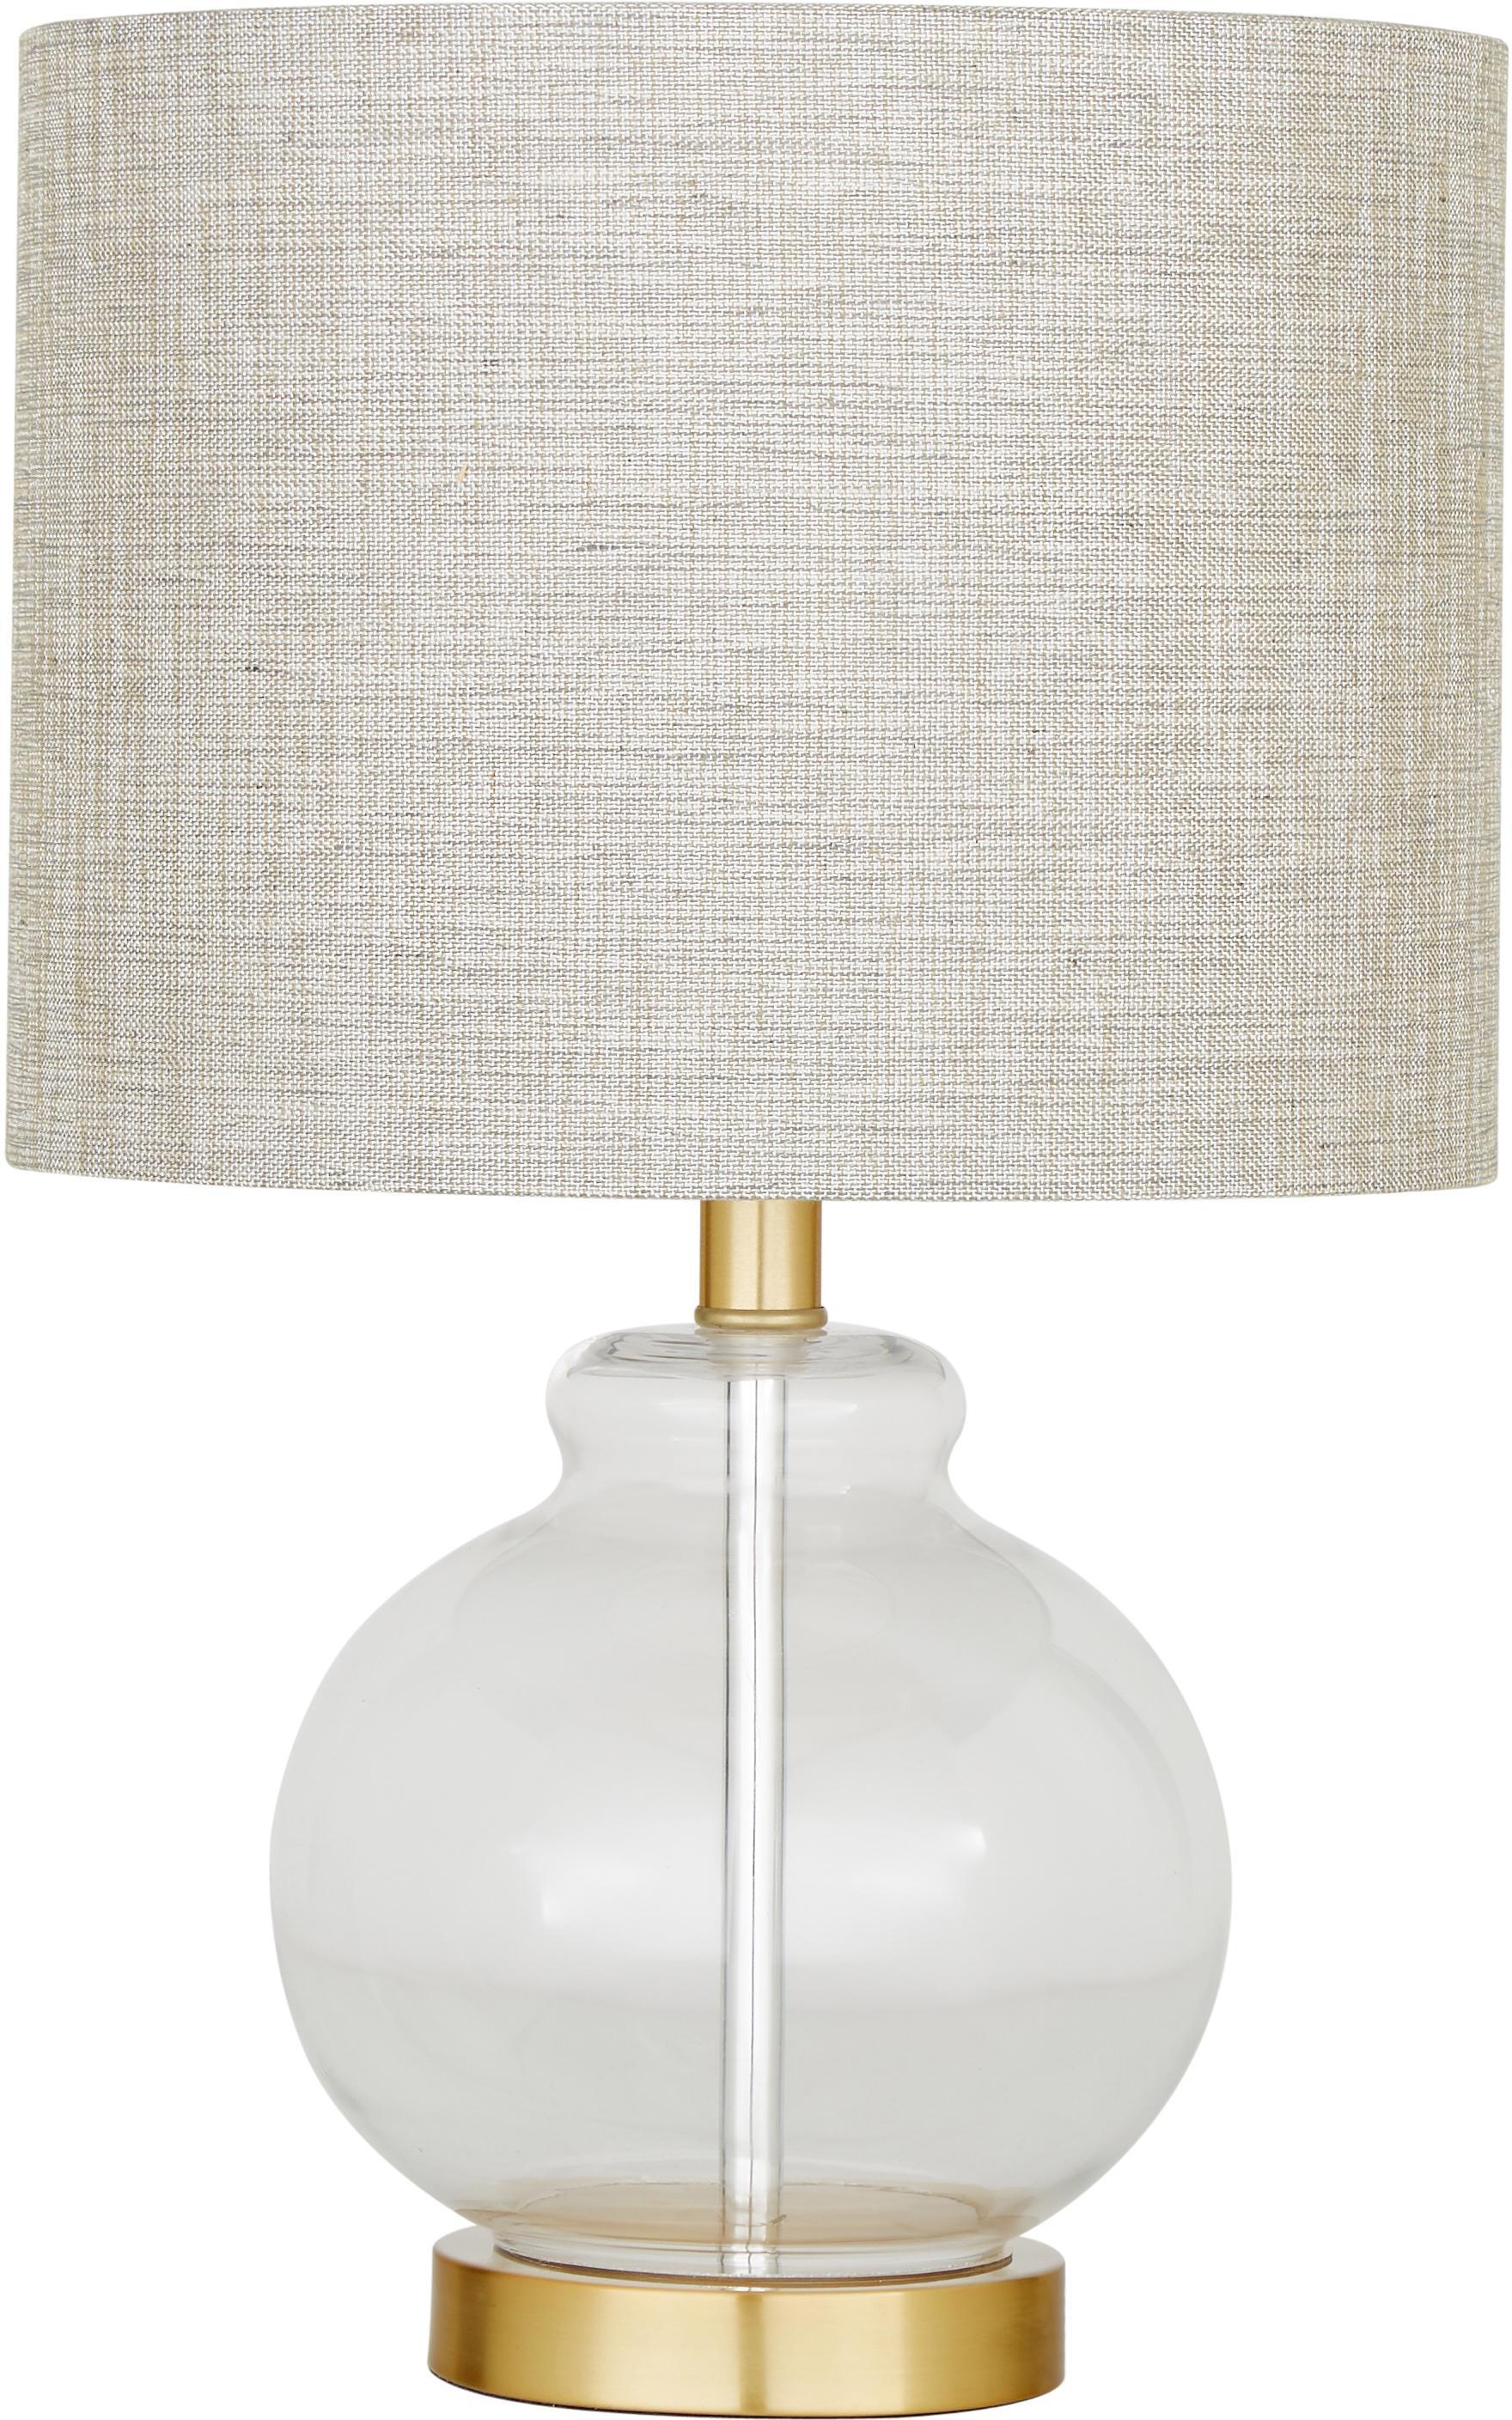 Lampa stołowa Natty, Taupe, transparentny, Ø 31 x W 48 cm